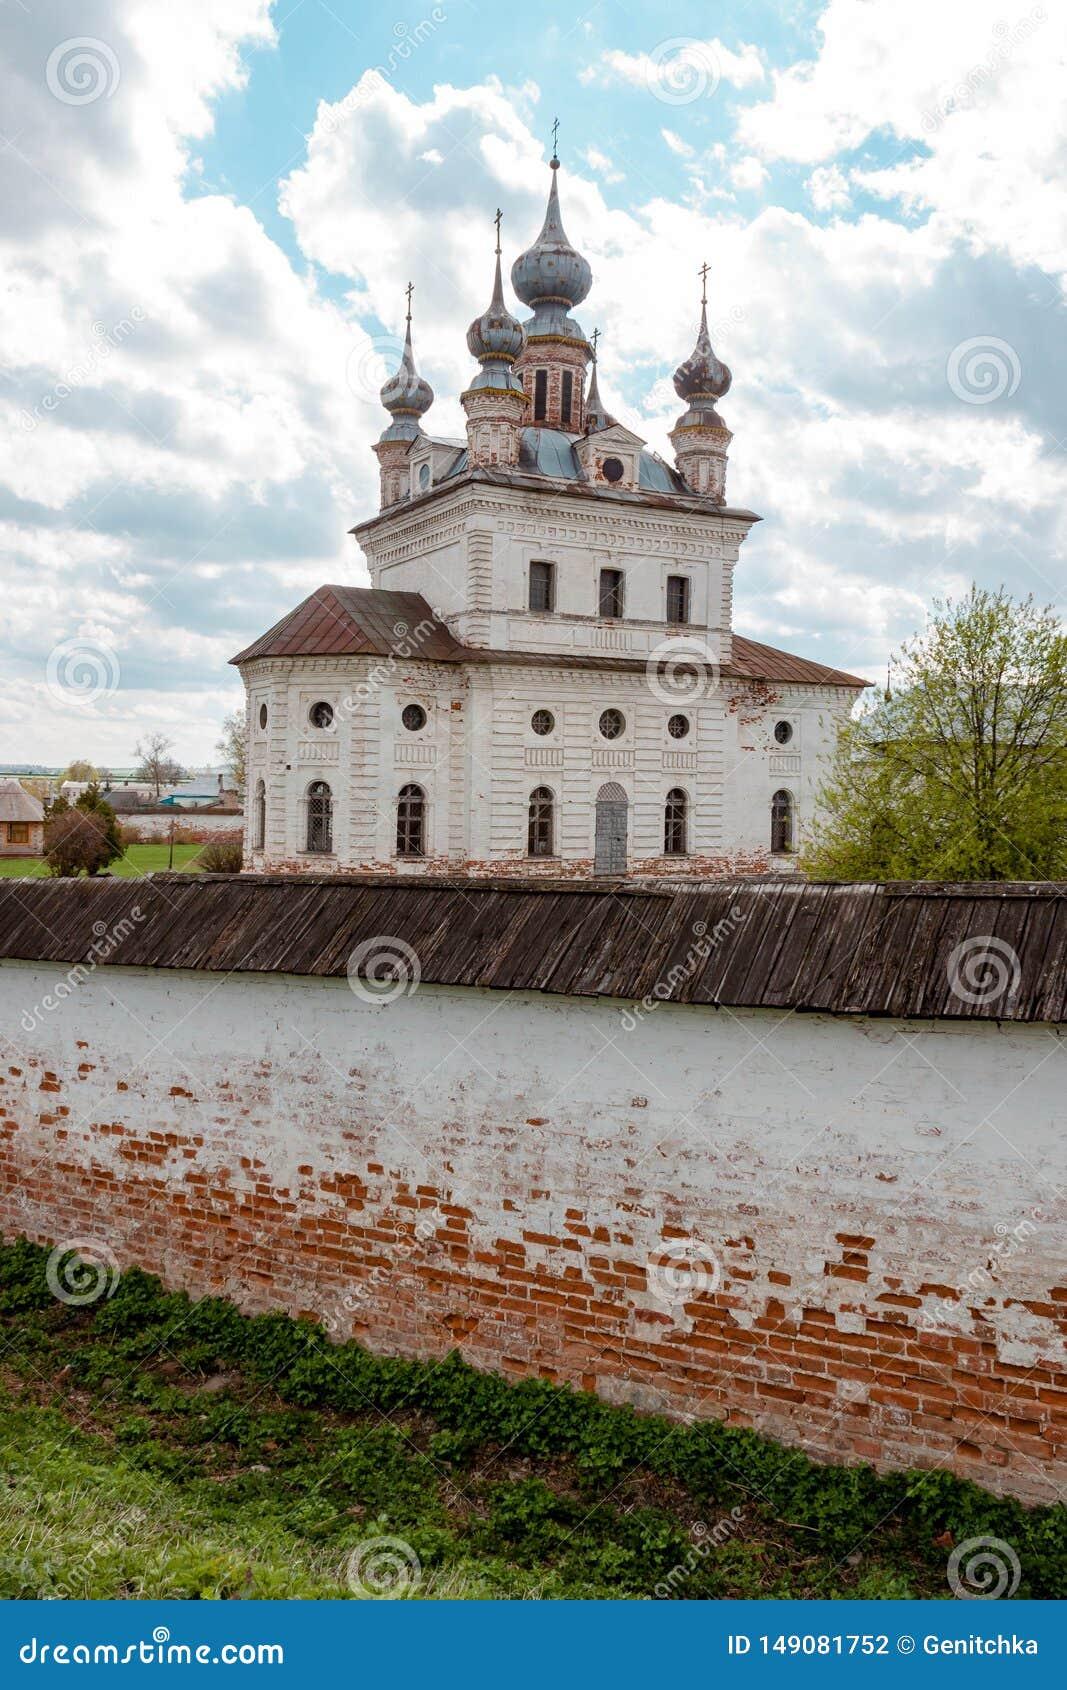 Catedral del monasterio de Michael Archangel en Yuryev-Polsky, Vladimir Region, Rusia